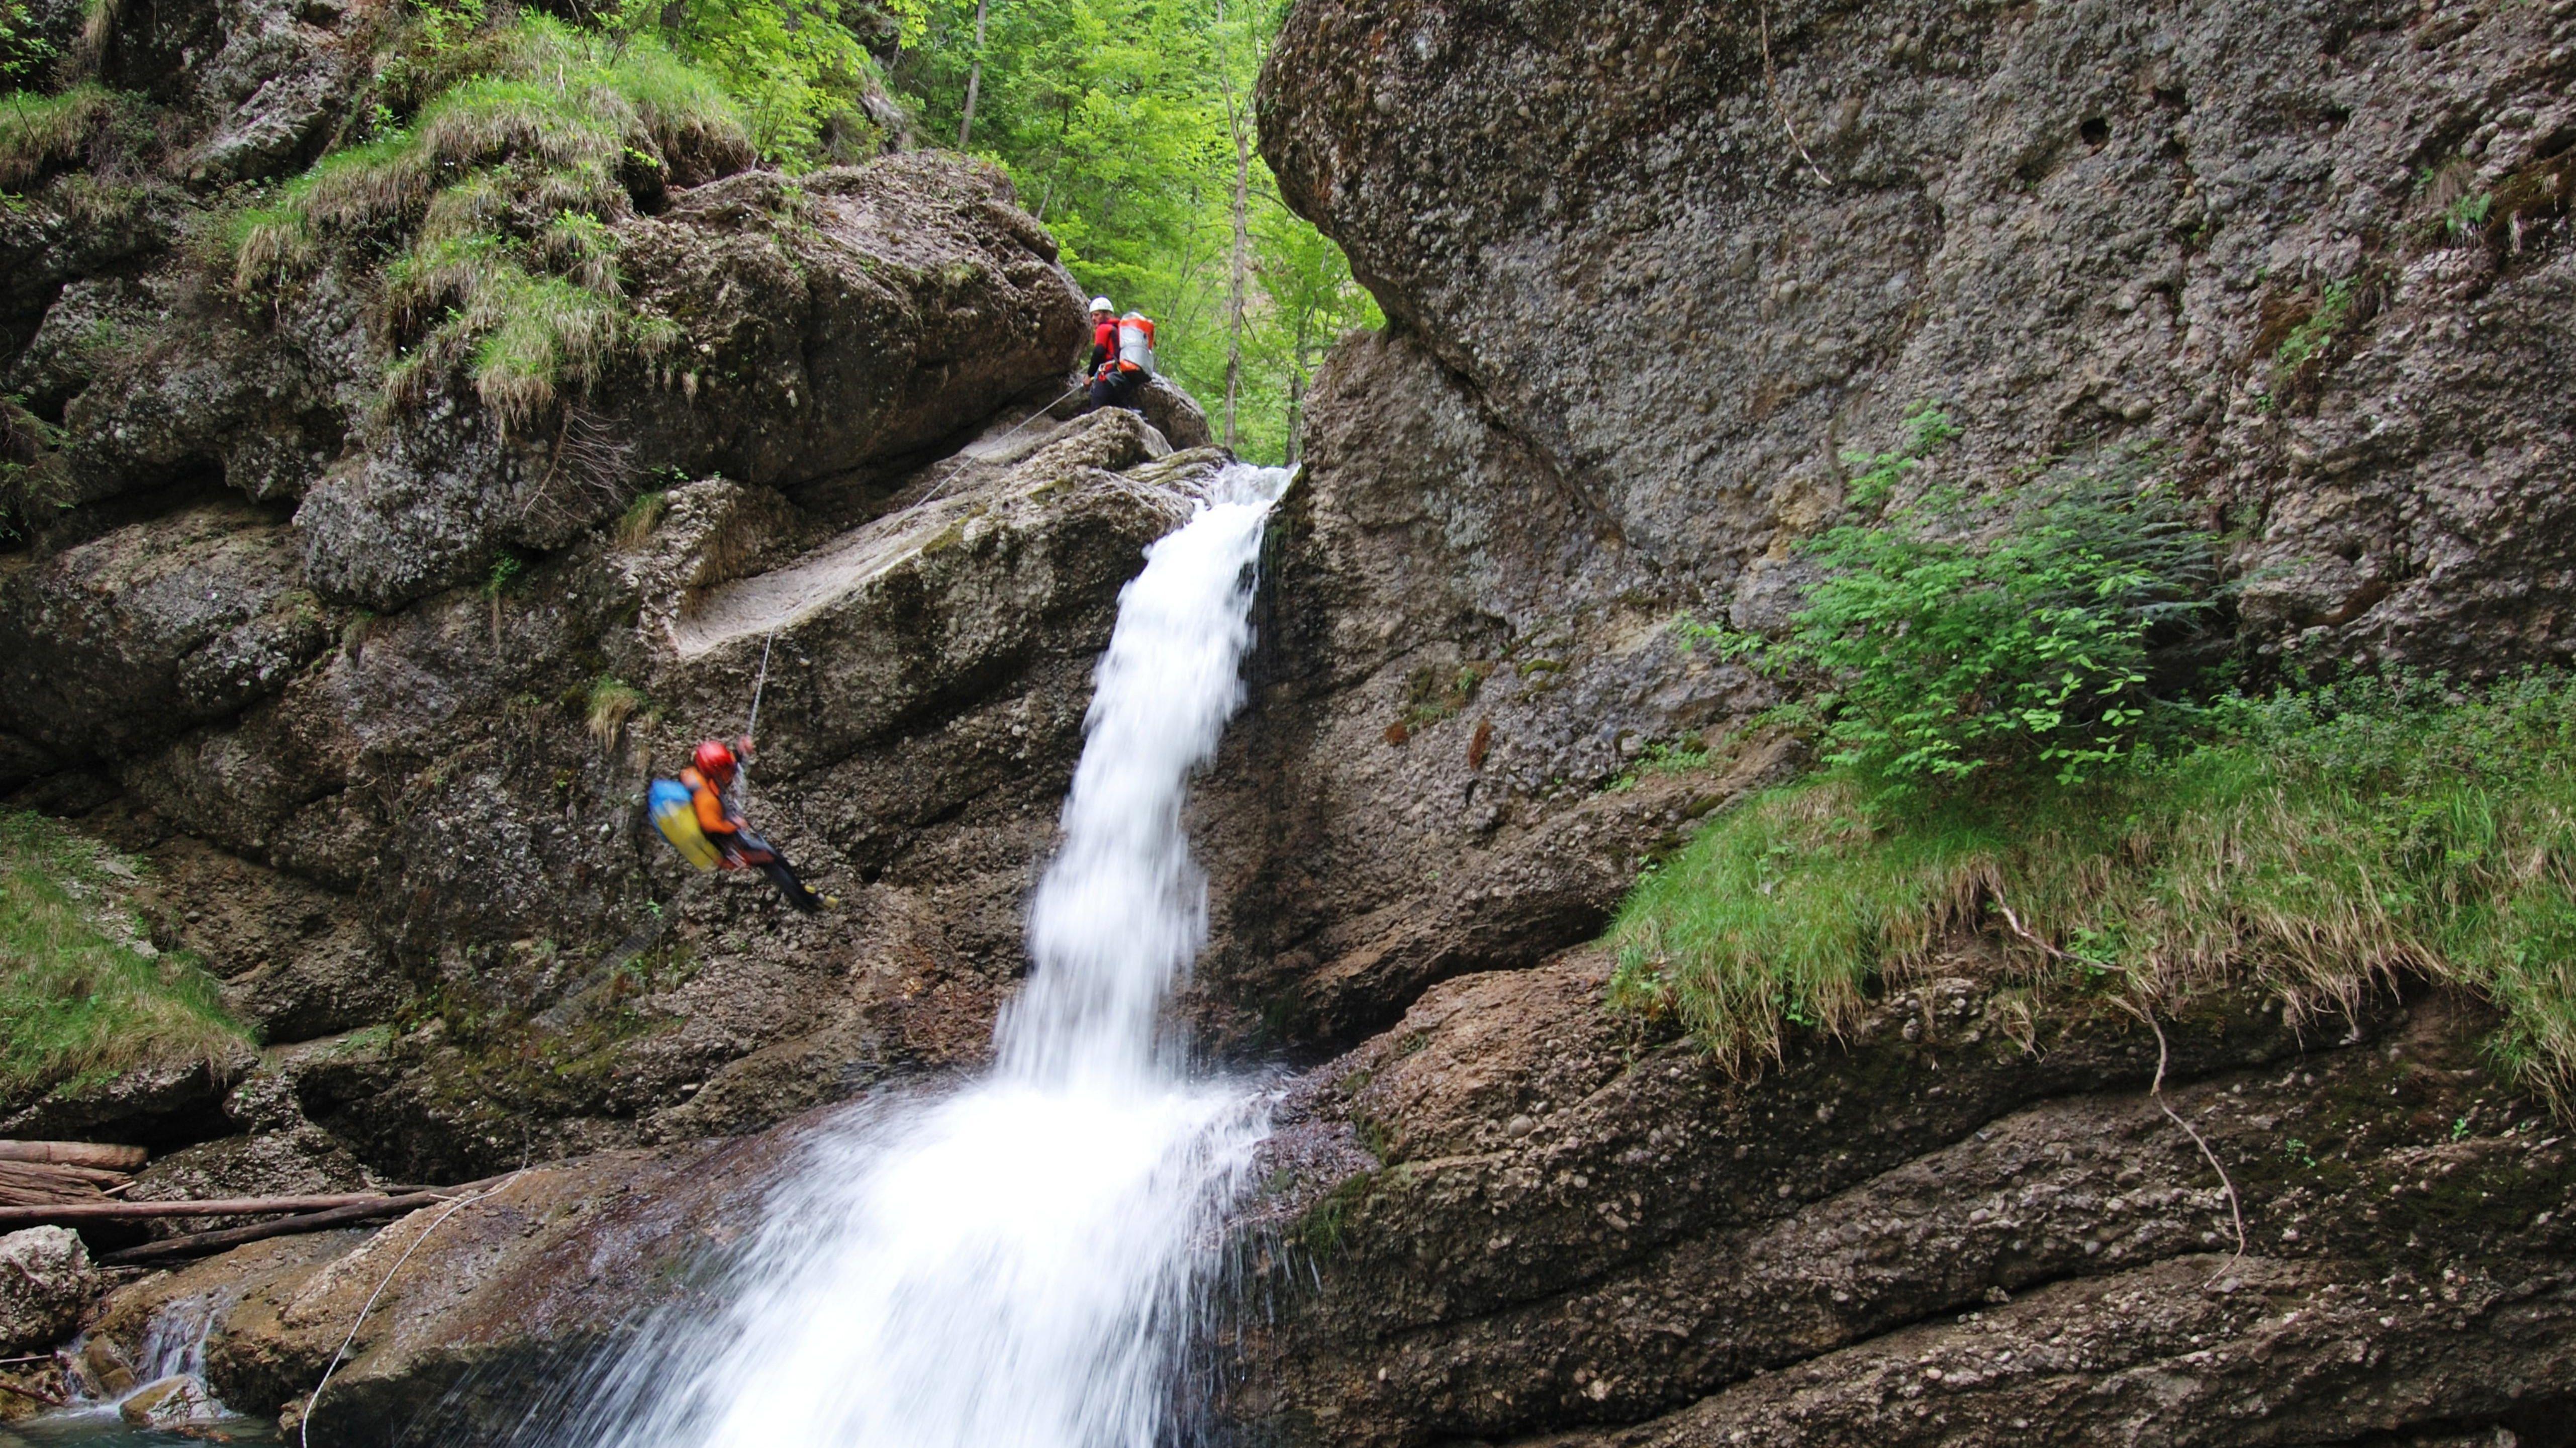 Beim Canyoning seilen sich Sportler entlang von Bach- und Flussläufen ab (Symbolbild).